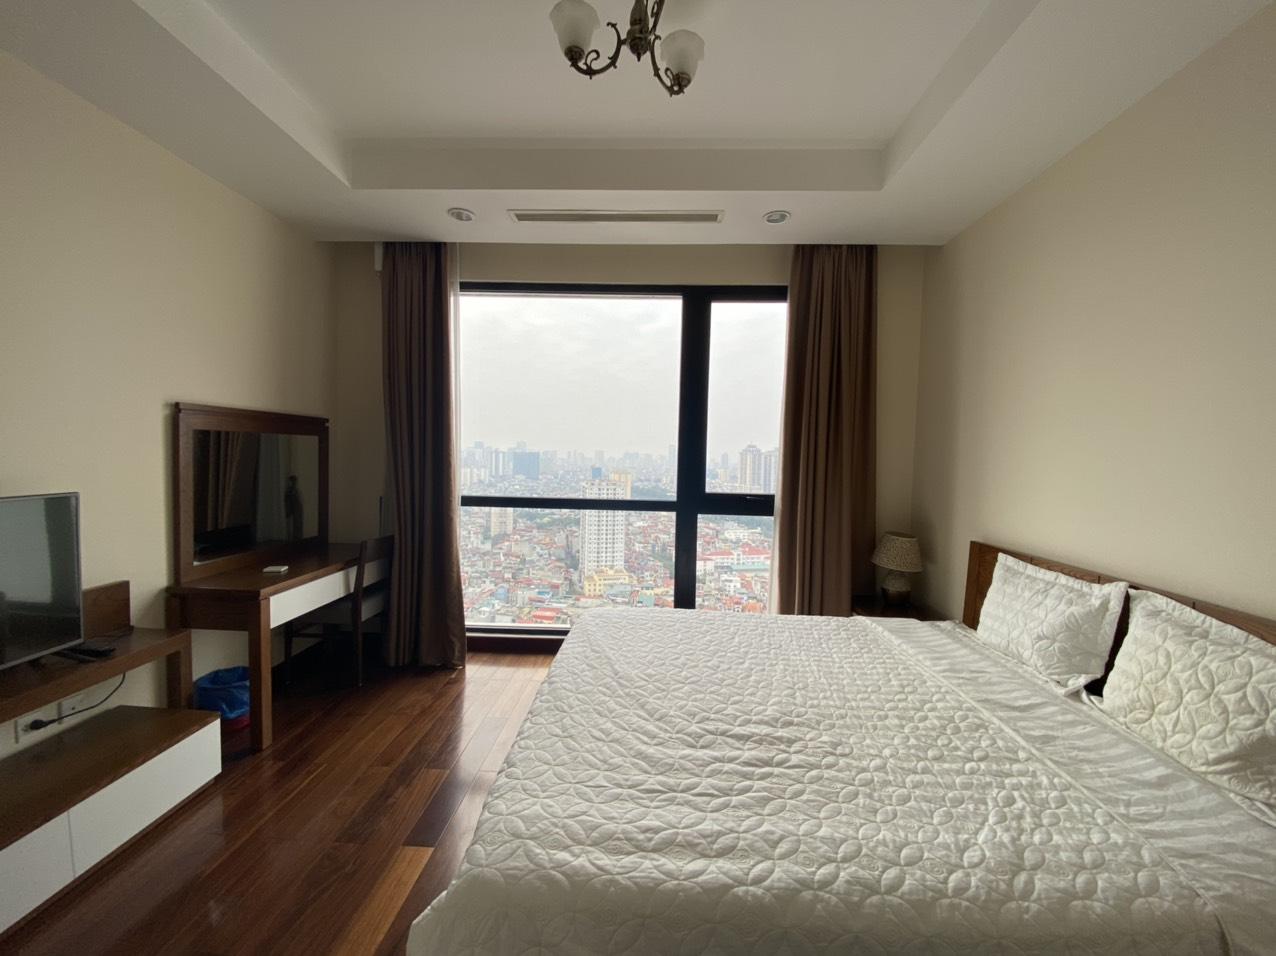 Thuê căn hộ 2 phòng ngủ thoáng sáng tòa R2 Royal city